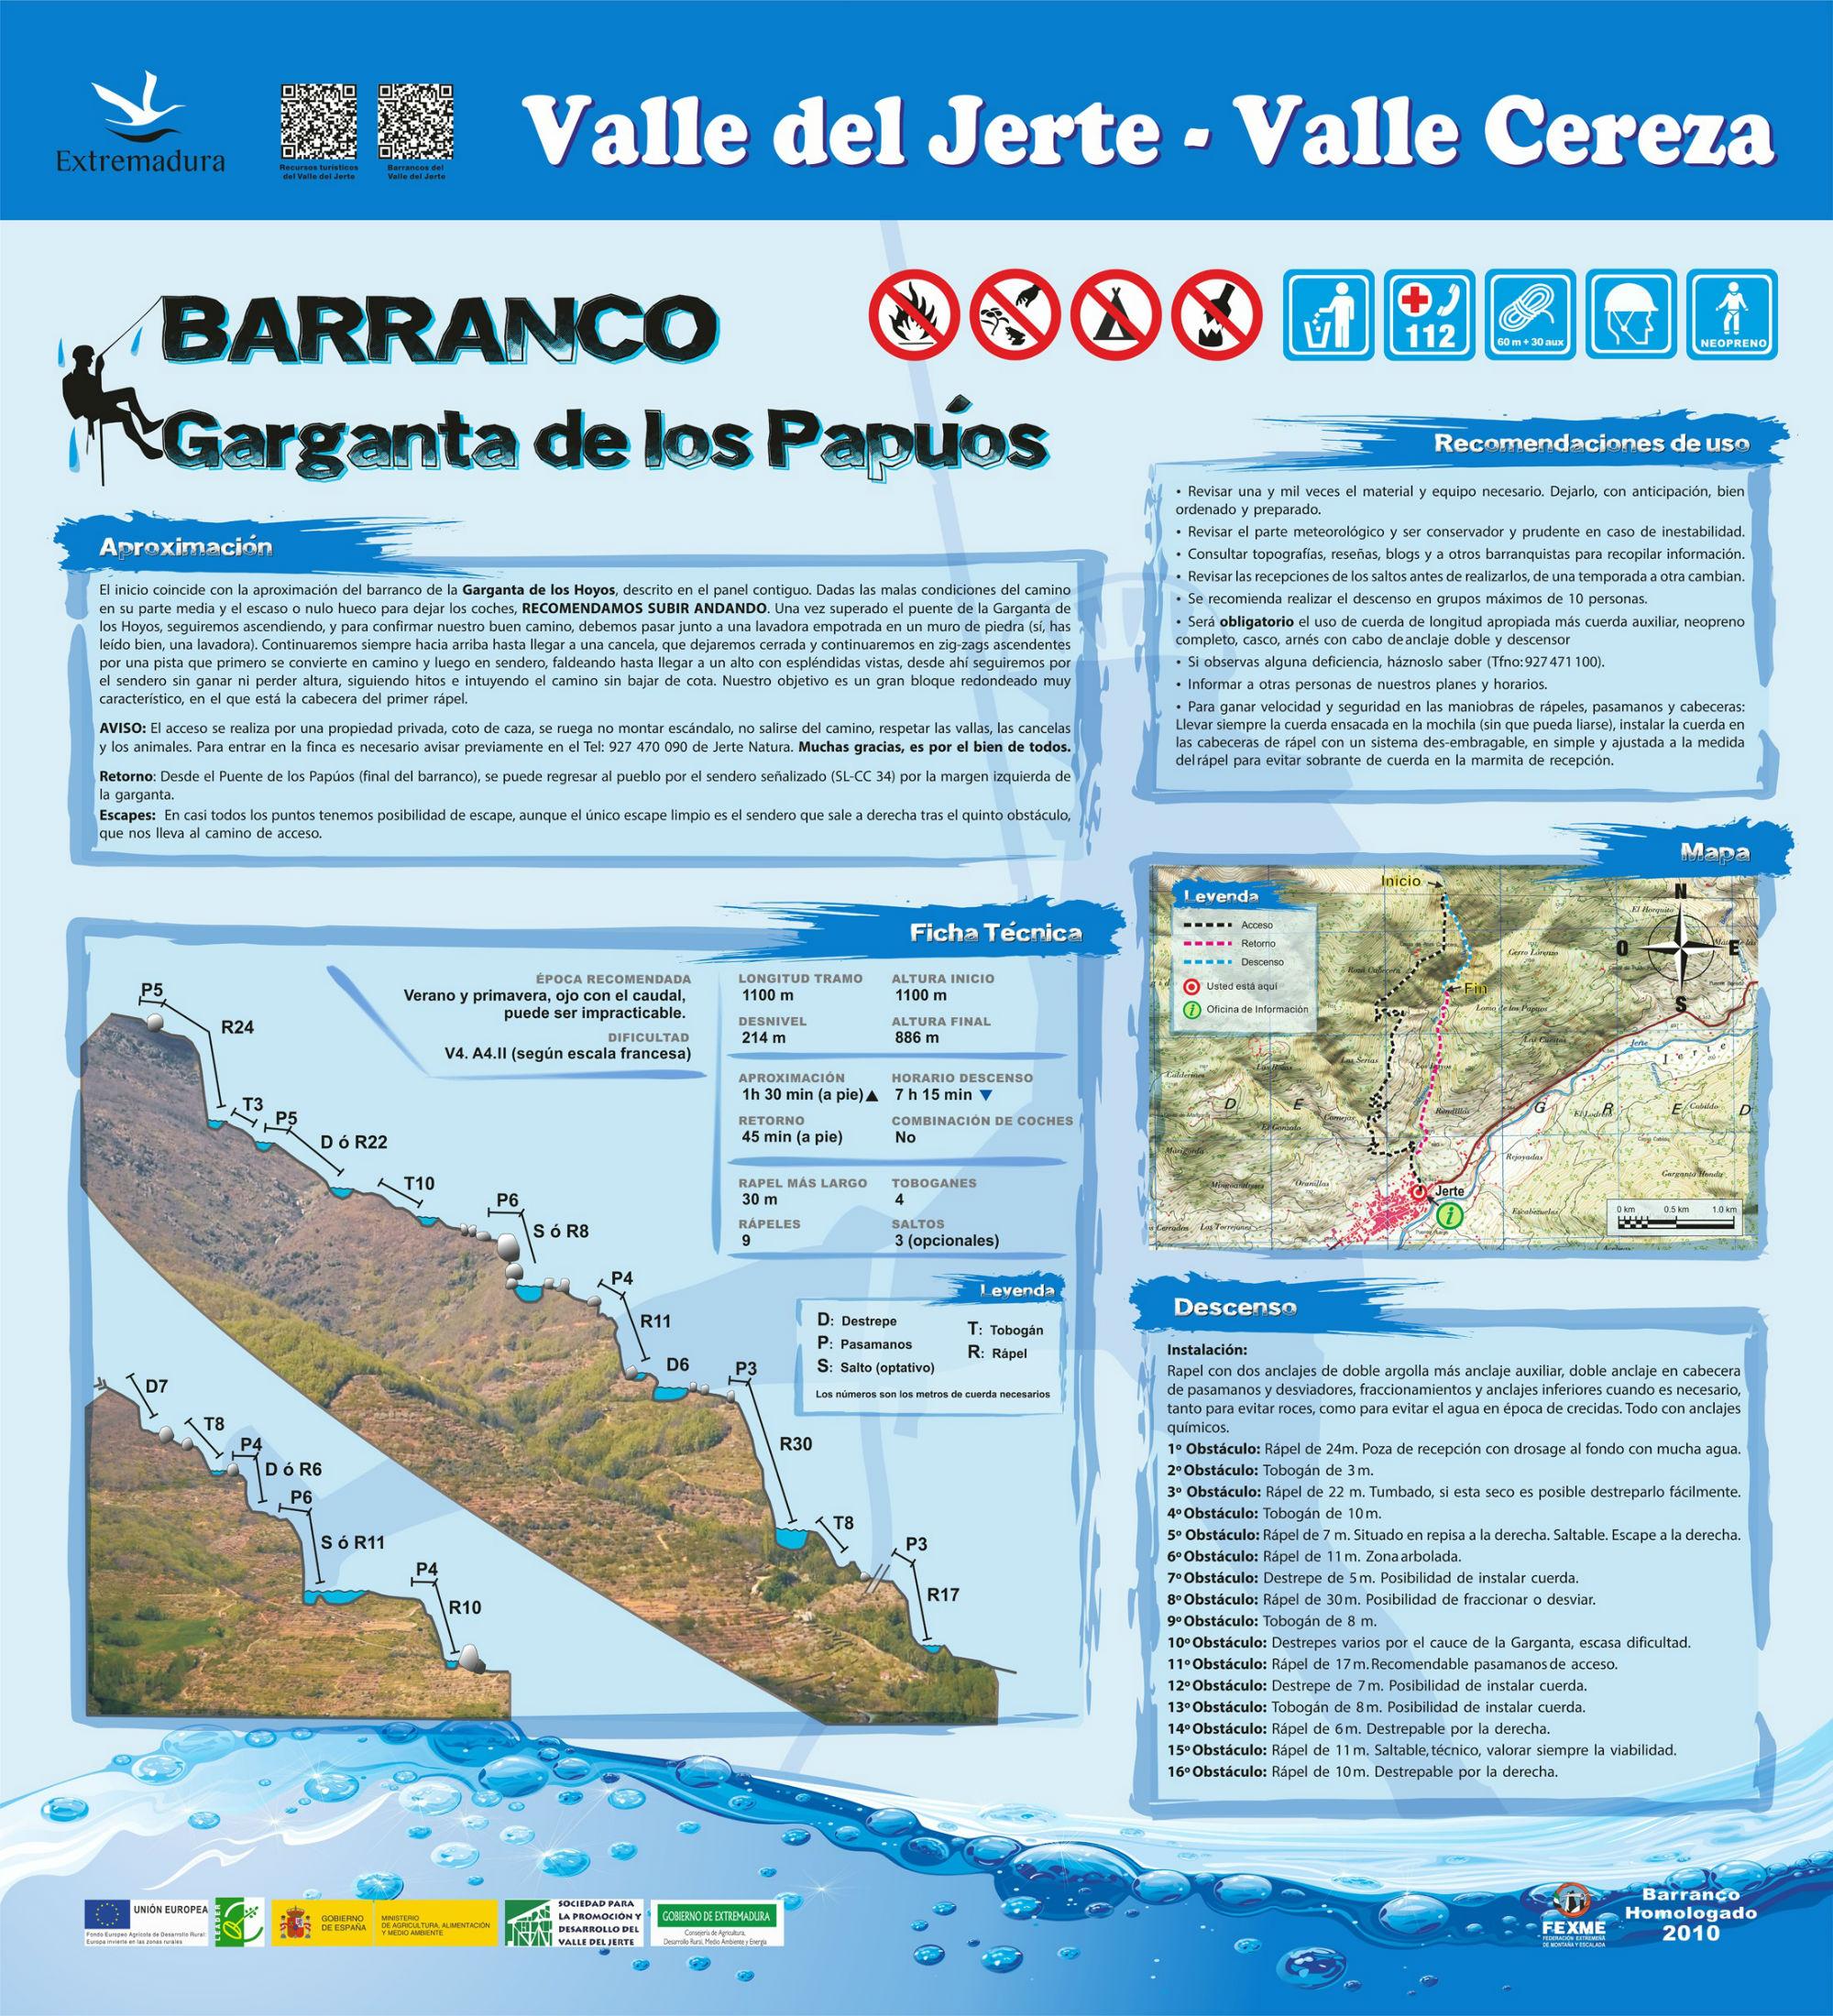 Barranco de los papuos valle del jerte for Oficina de turismo valle del jerte